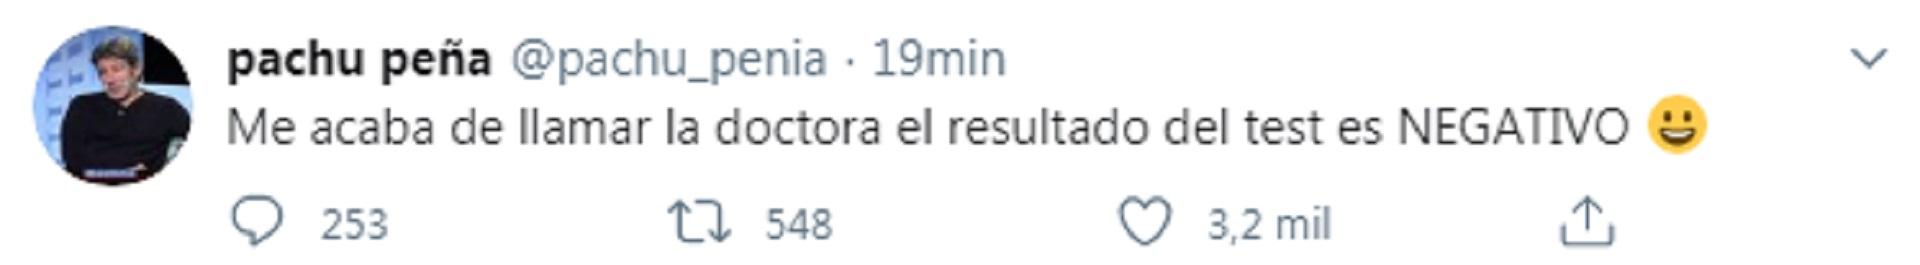 Pachu Peña, además, comunicó el resultado de su hisopado a través de su cuenta de Twitter